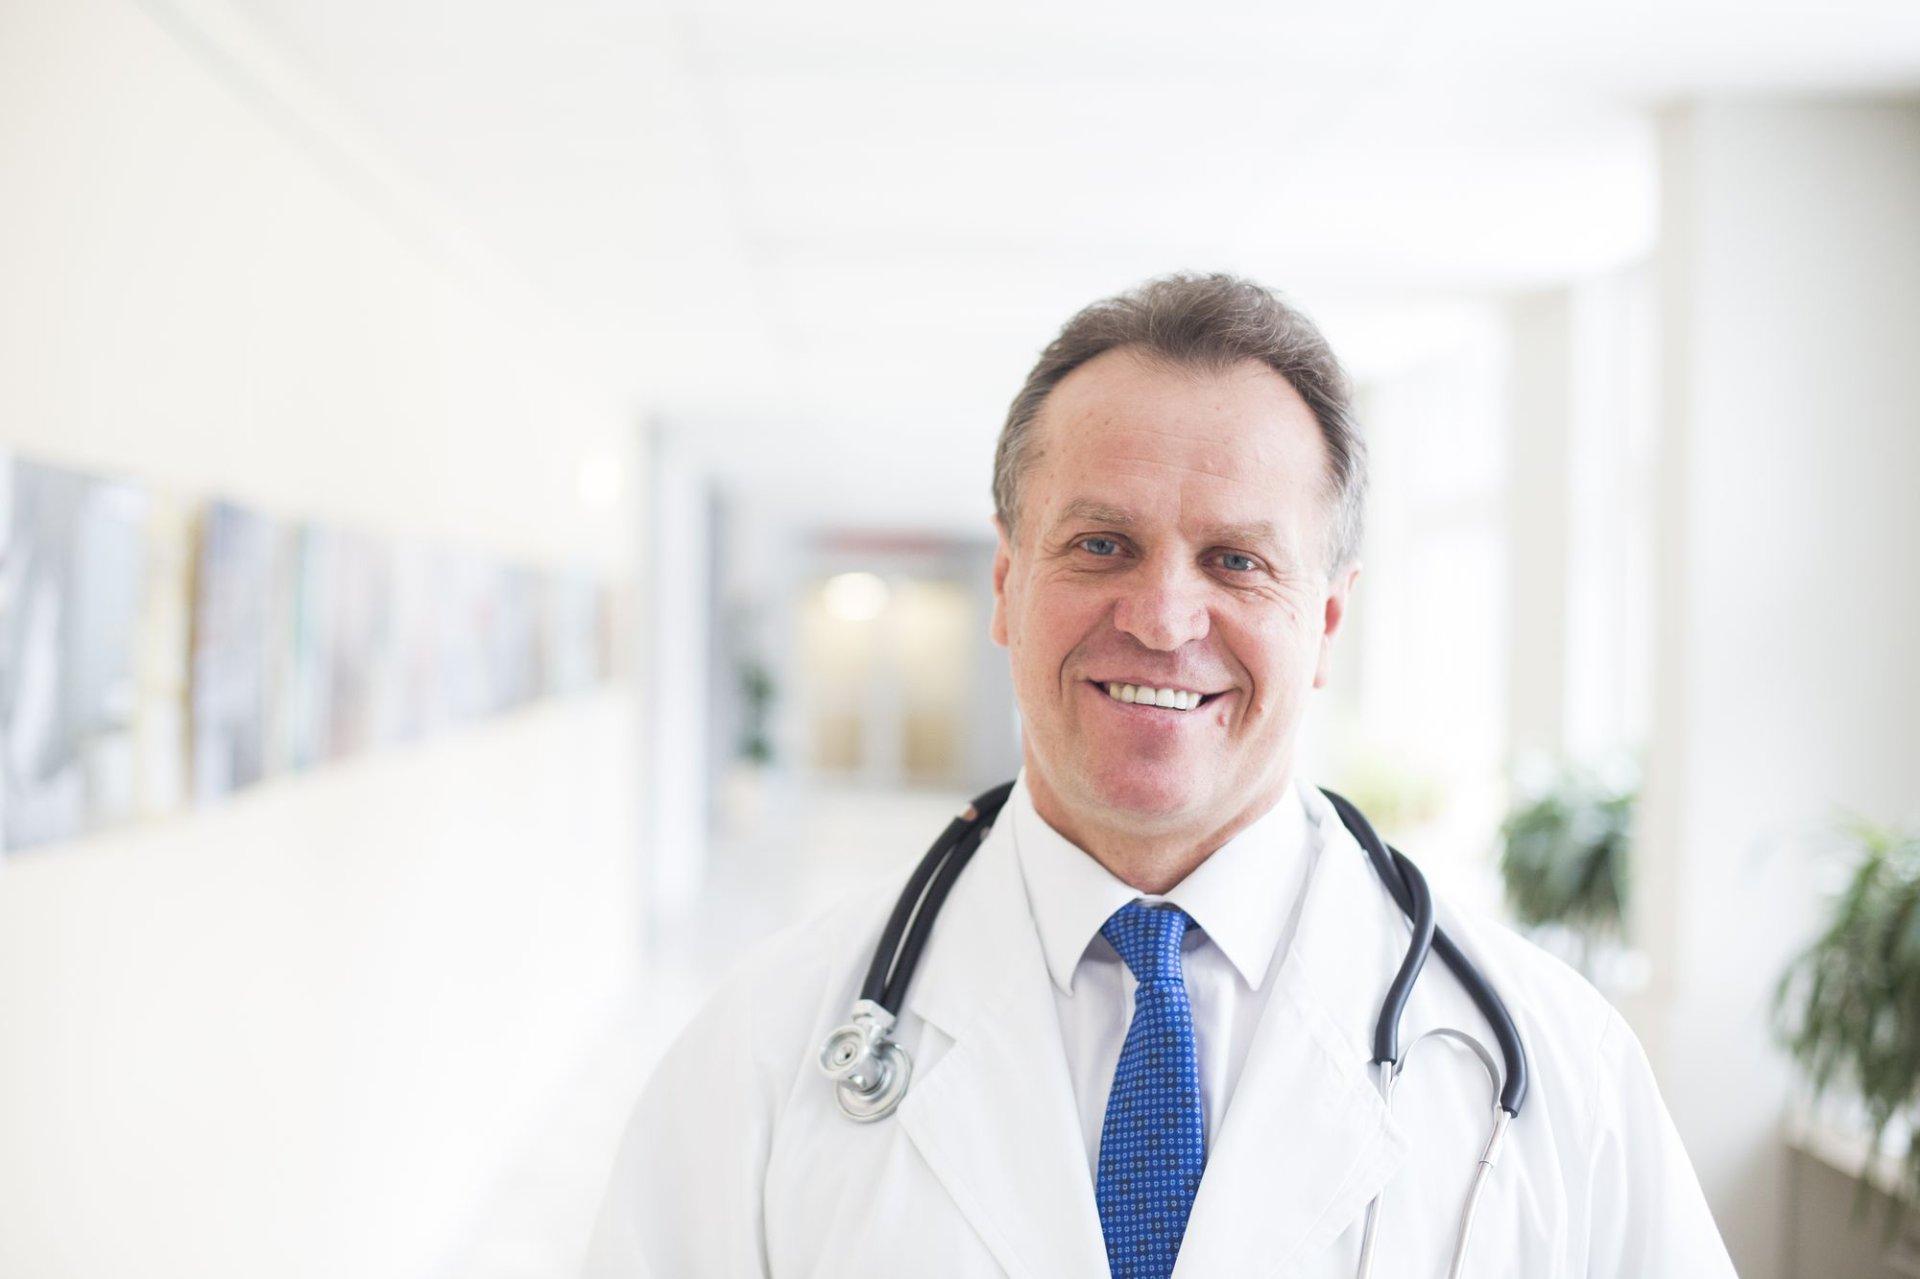 profesorius apie hipertenziją lidokainas ir hipertenzija